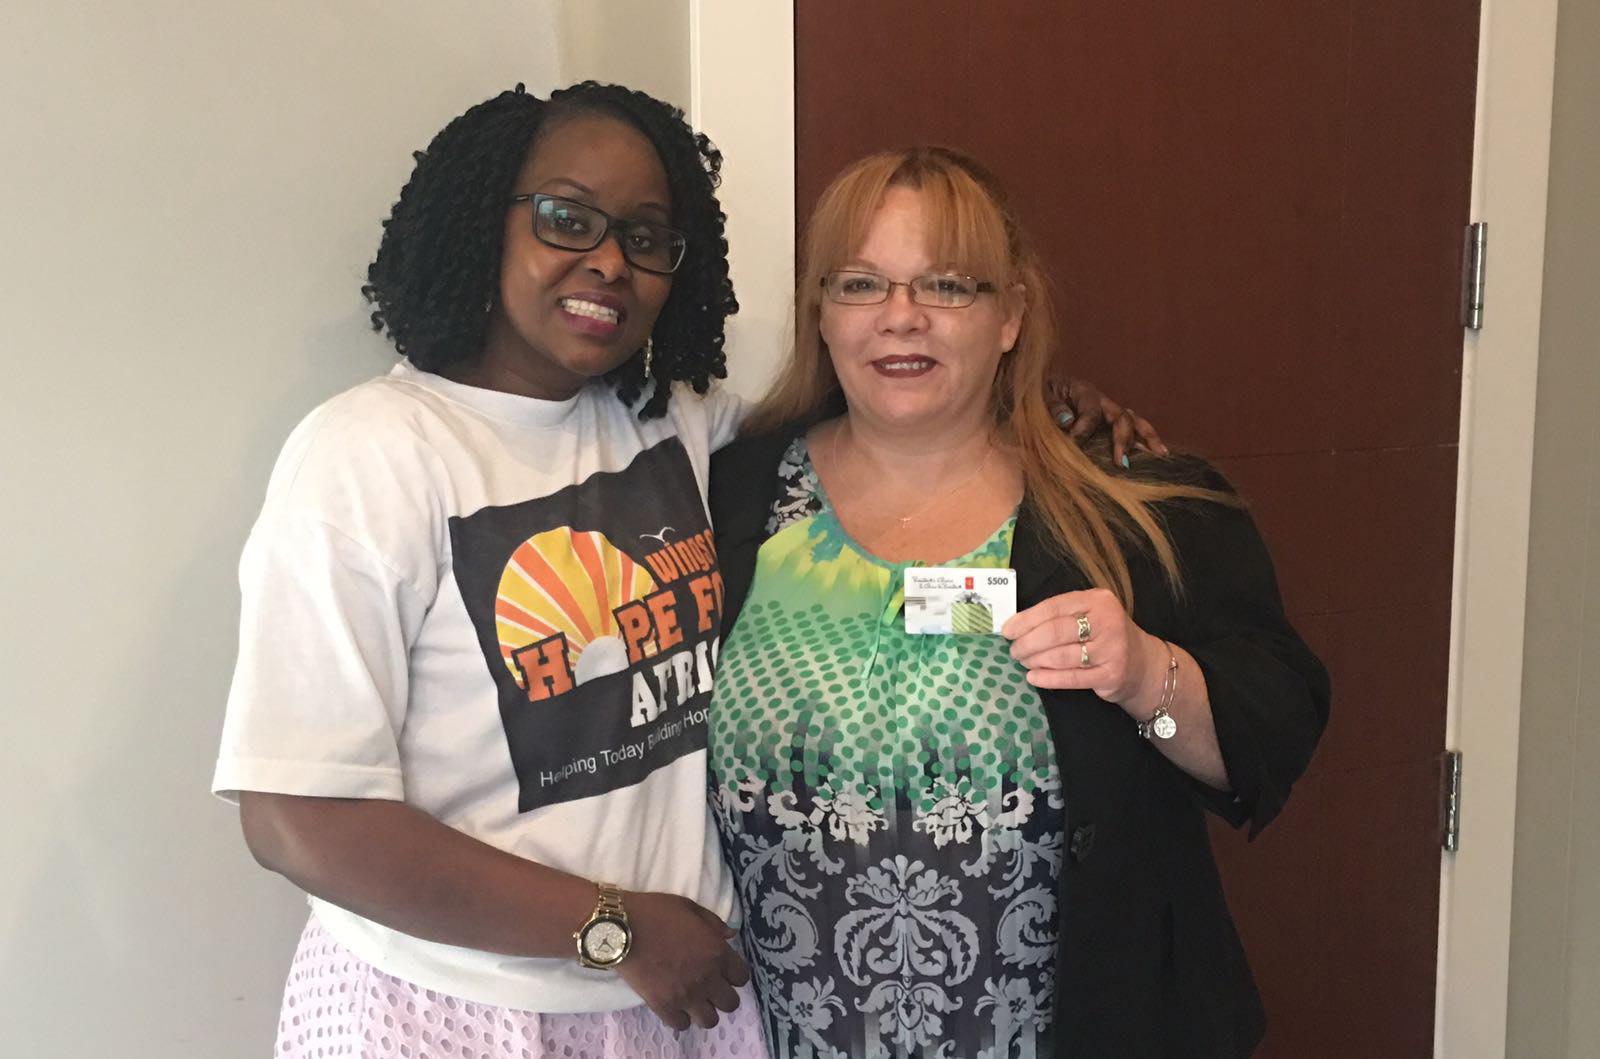 Aline awarding a gift card to Deanna